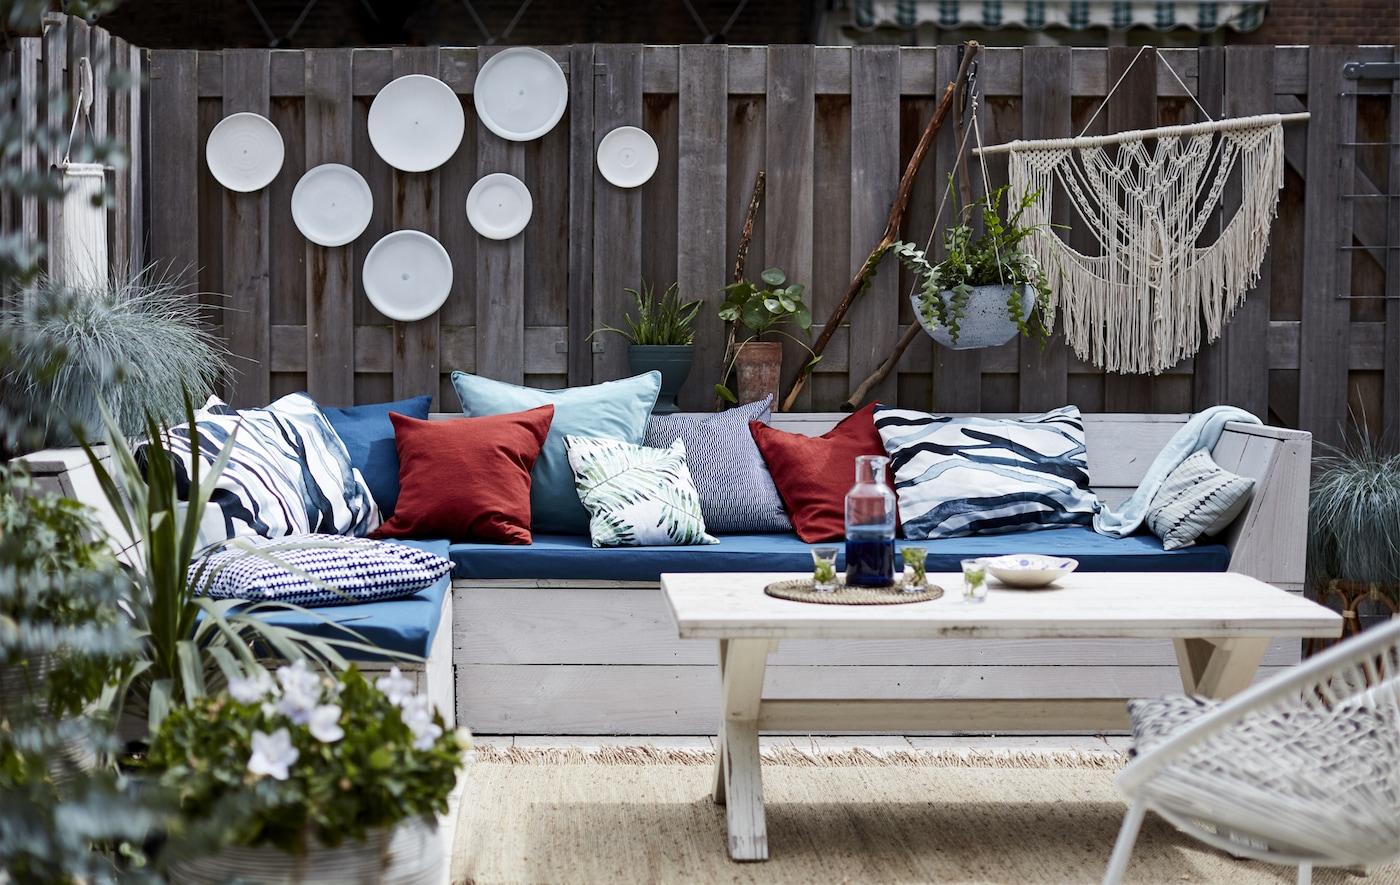 Séjour d'extérieur avec coussins et plantes suspendues.